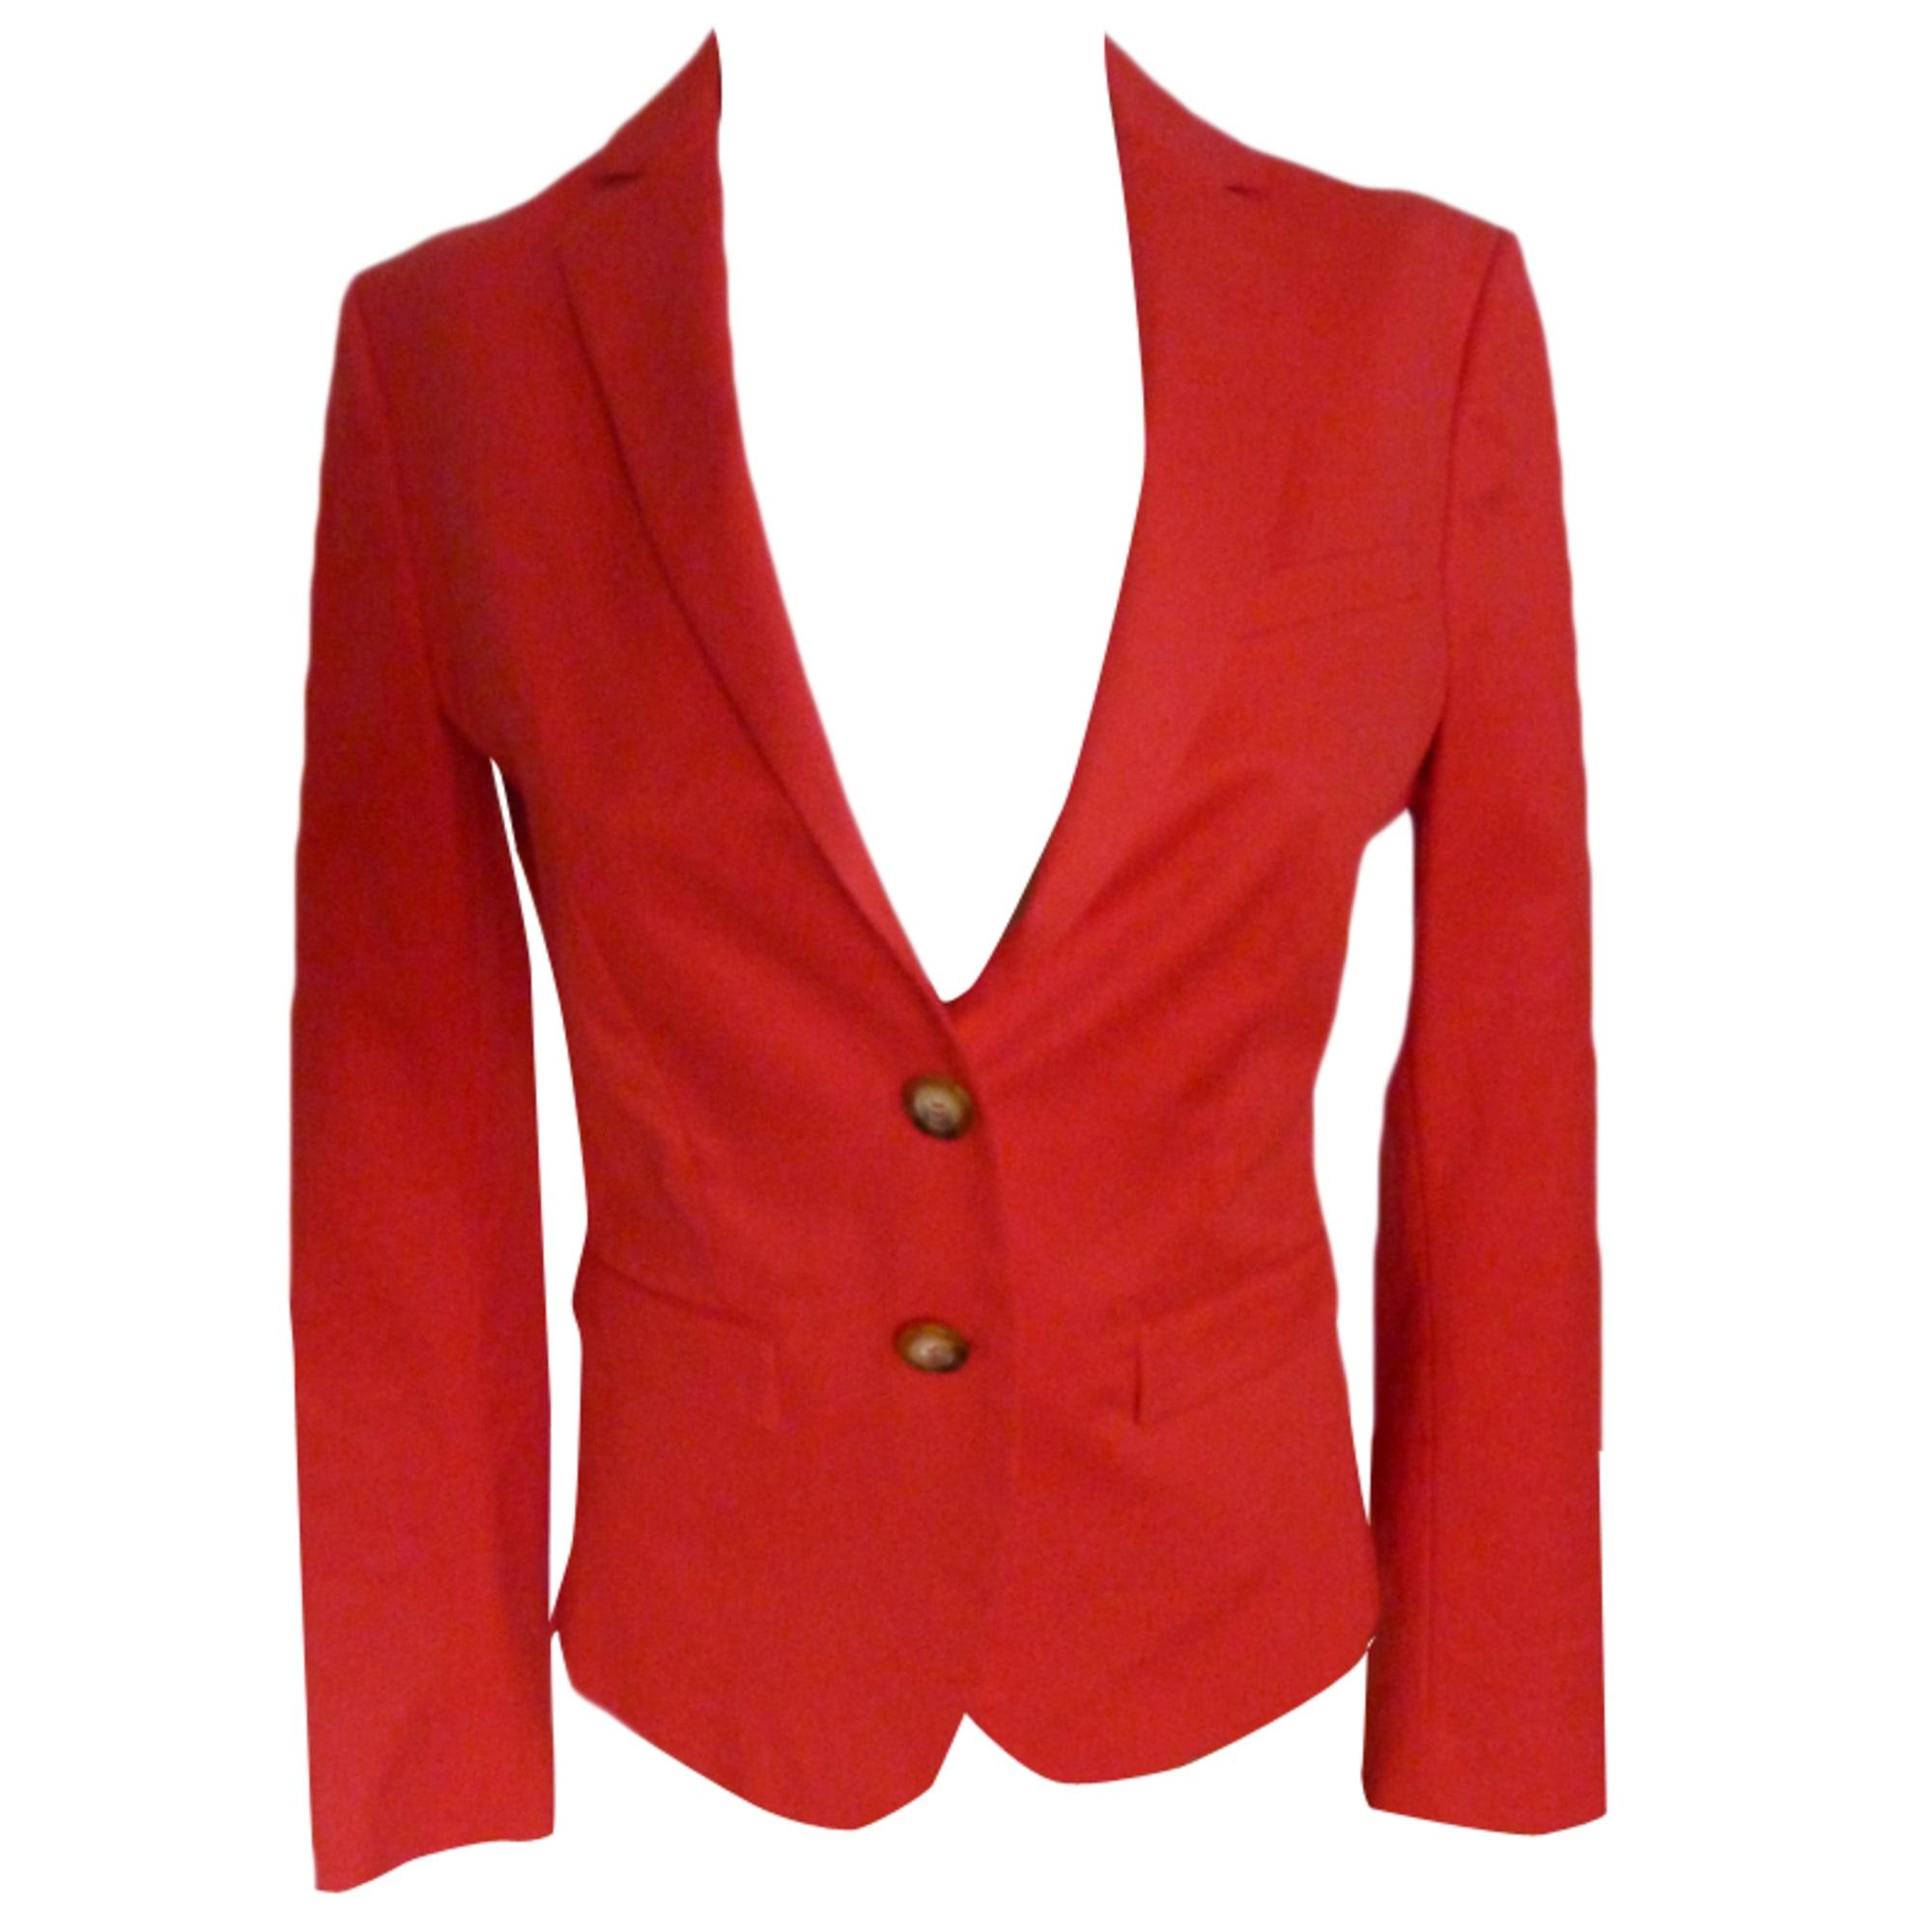 Blazer, veste tailleur UNITED COLORS OF BENETTON 36 (S, T1) rouge ... f772543d4ac4